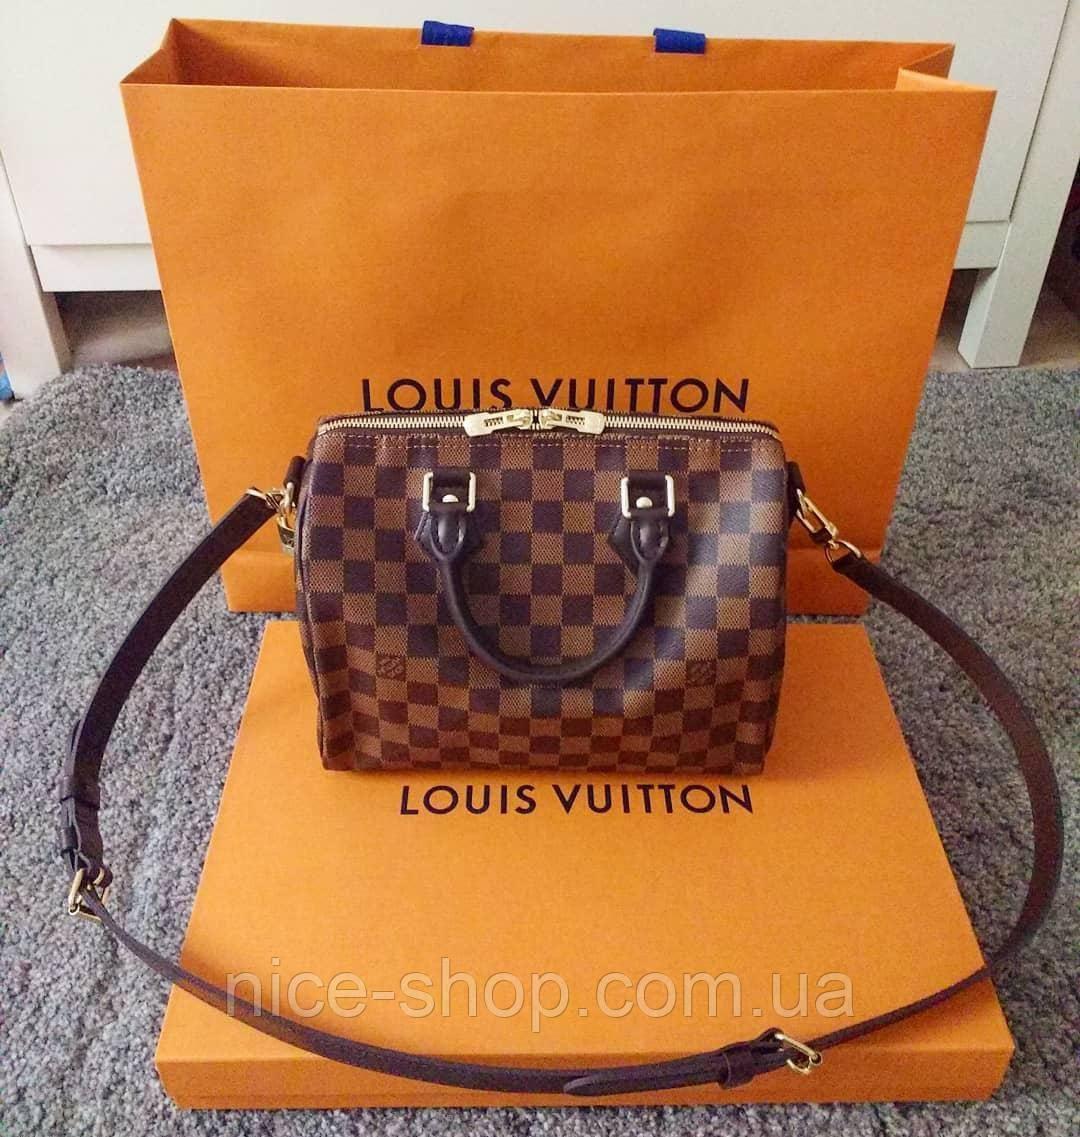 Сумка Louis Vuitton Speedy Mini кожа 25 см,коричневая шахматка